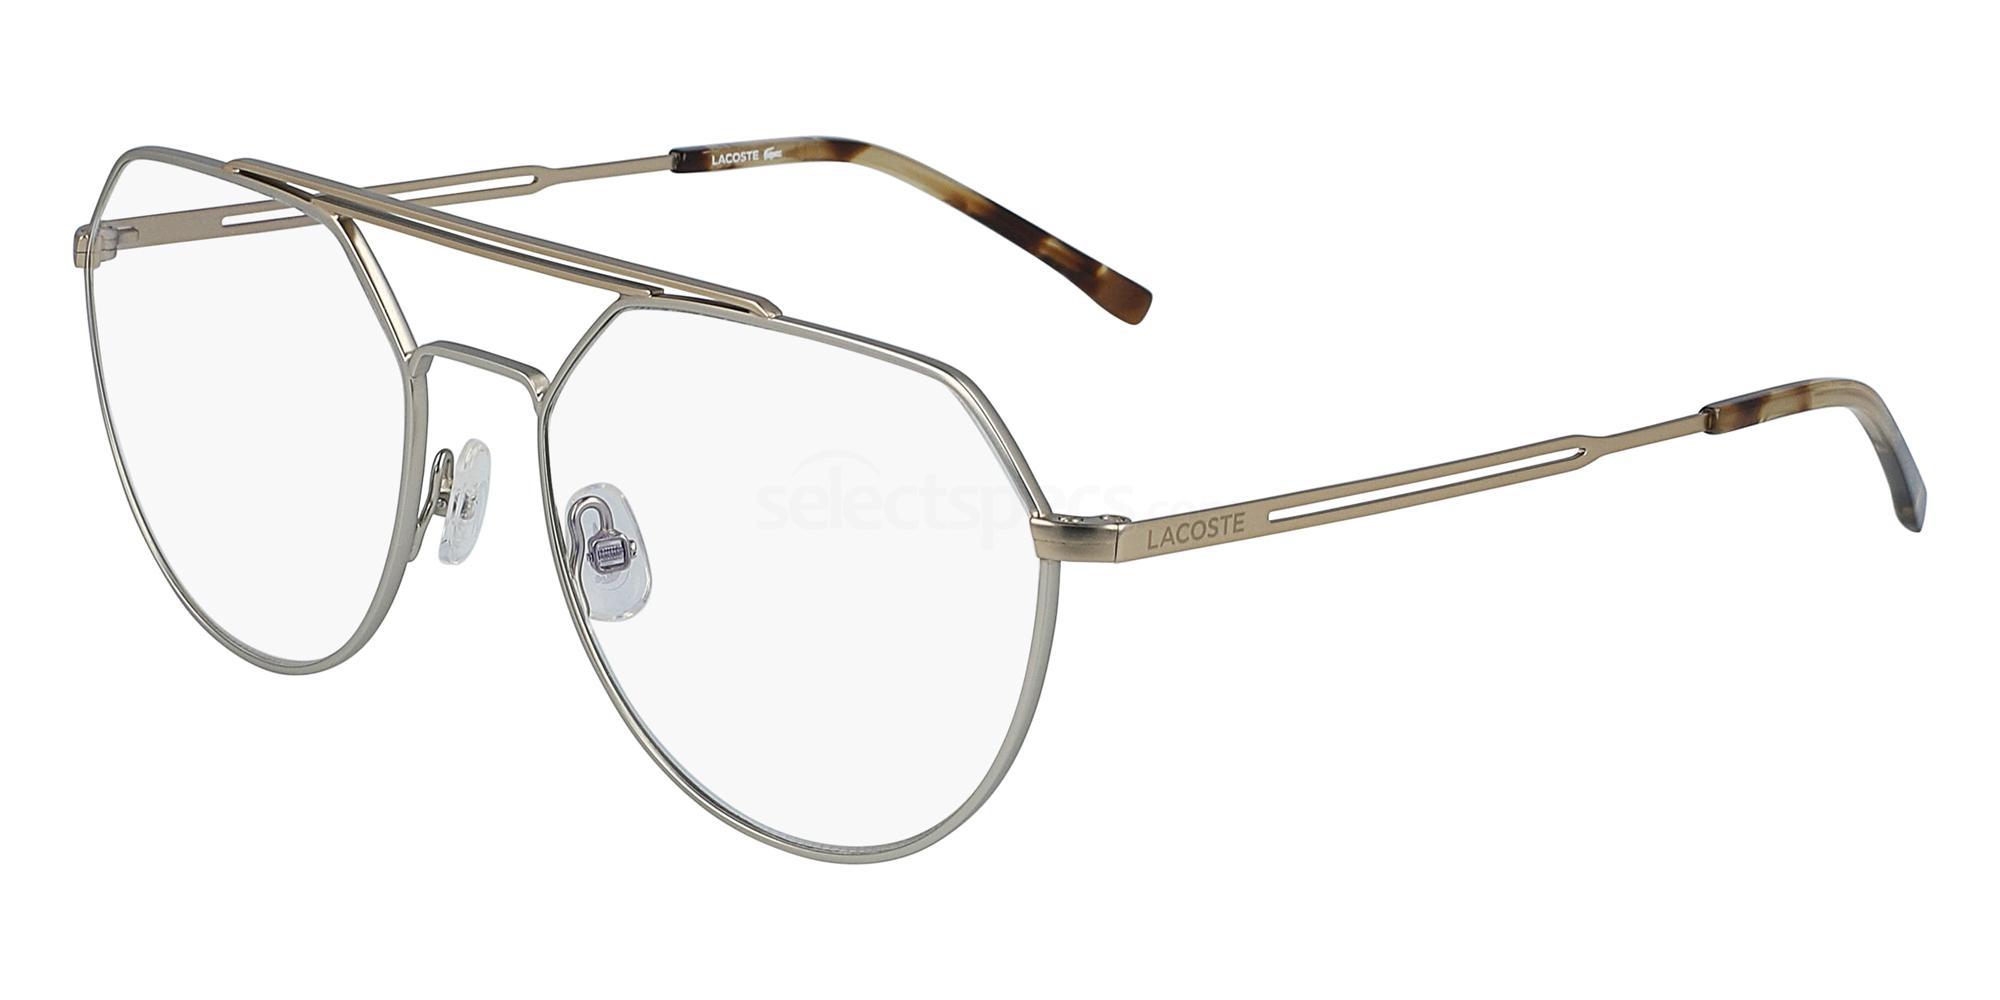 045 L2256PC Glasses, Lacoste